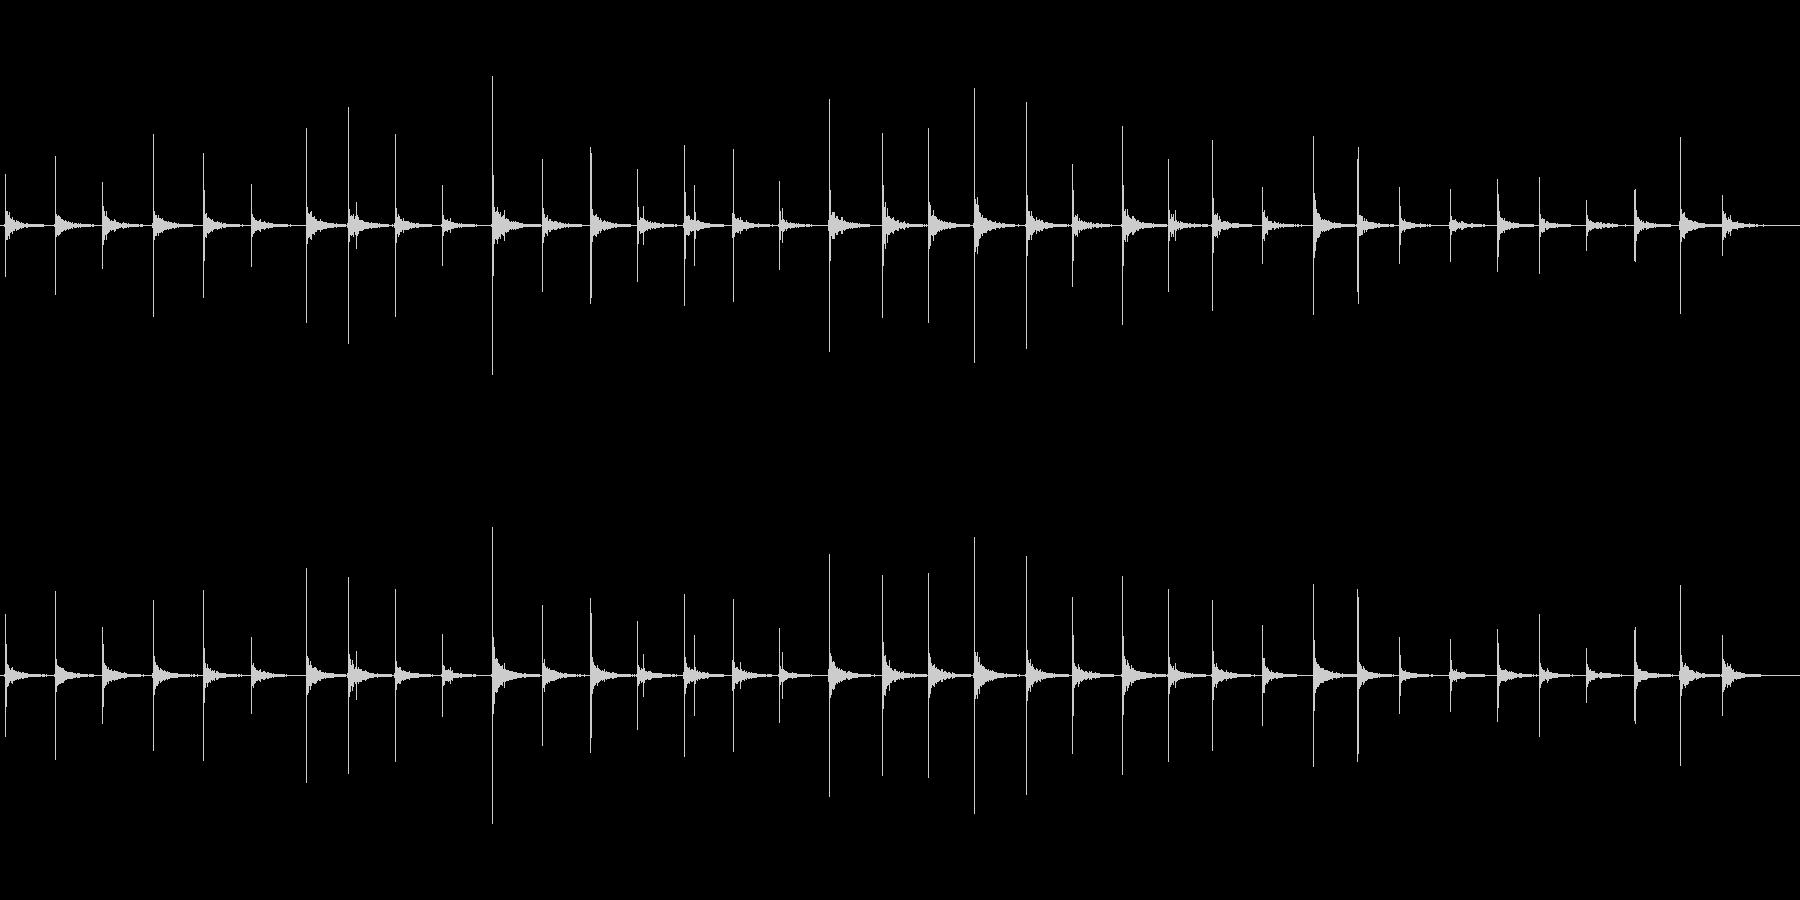 恐怖シリーズ9.ハイヒールで歩く音の未再生の波形